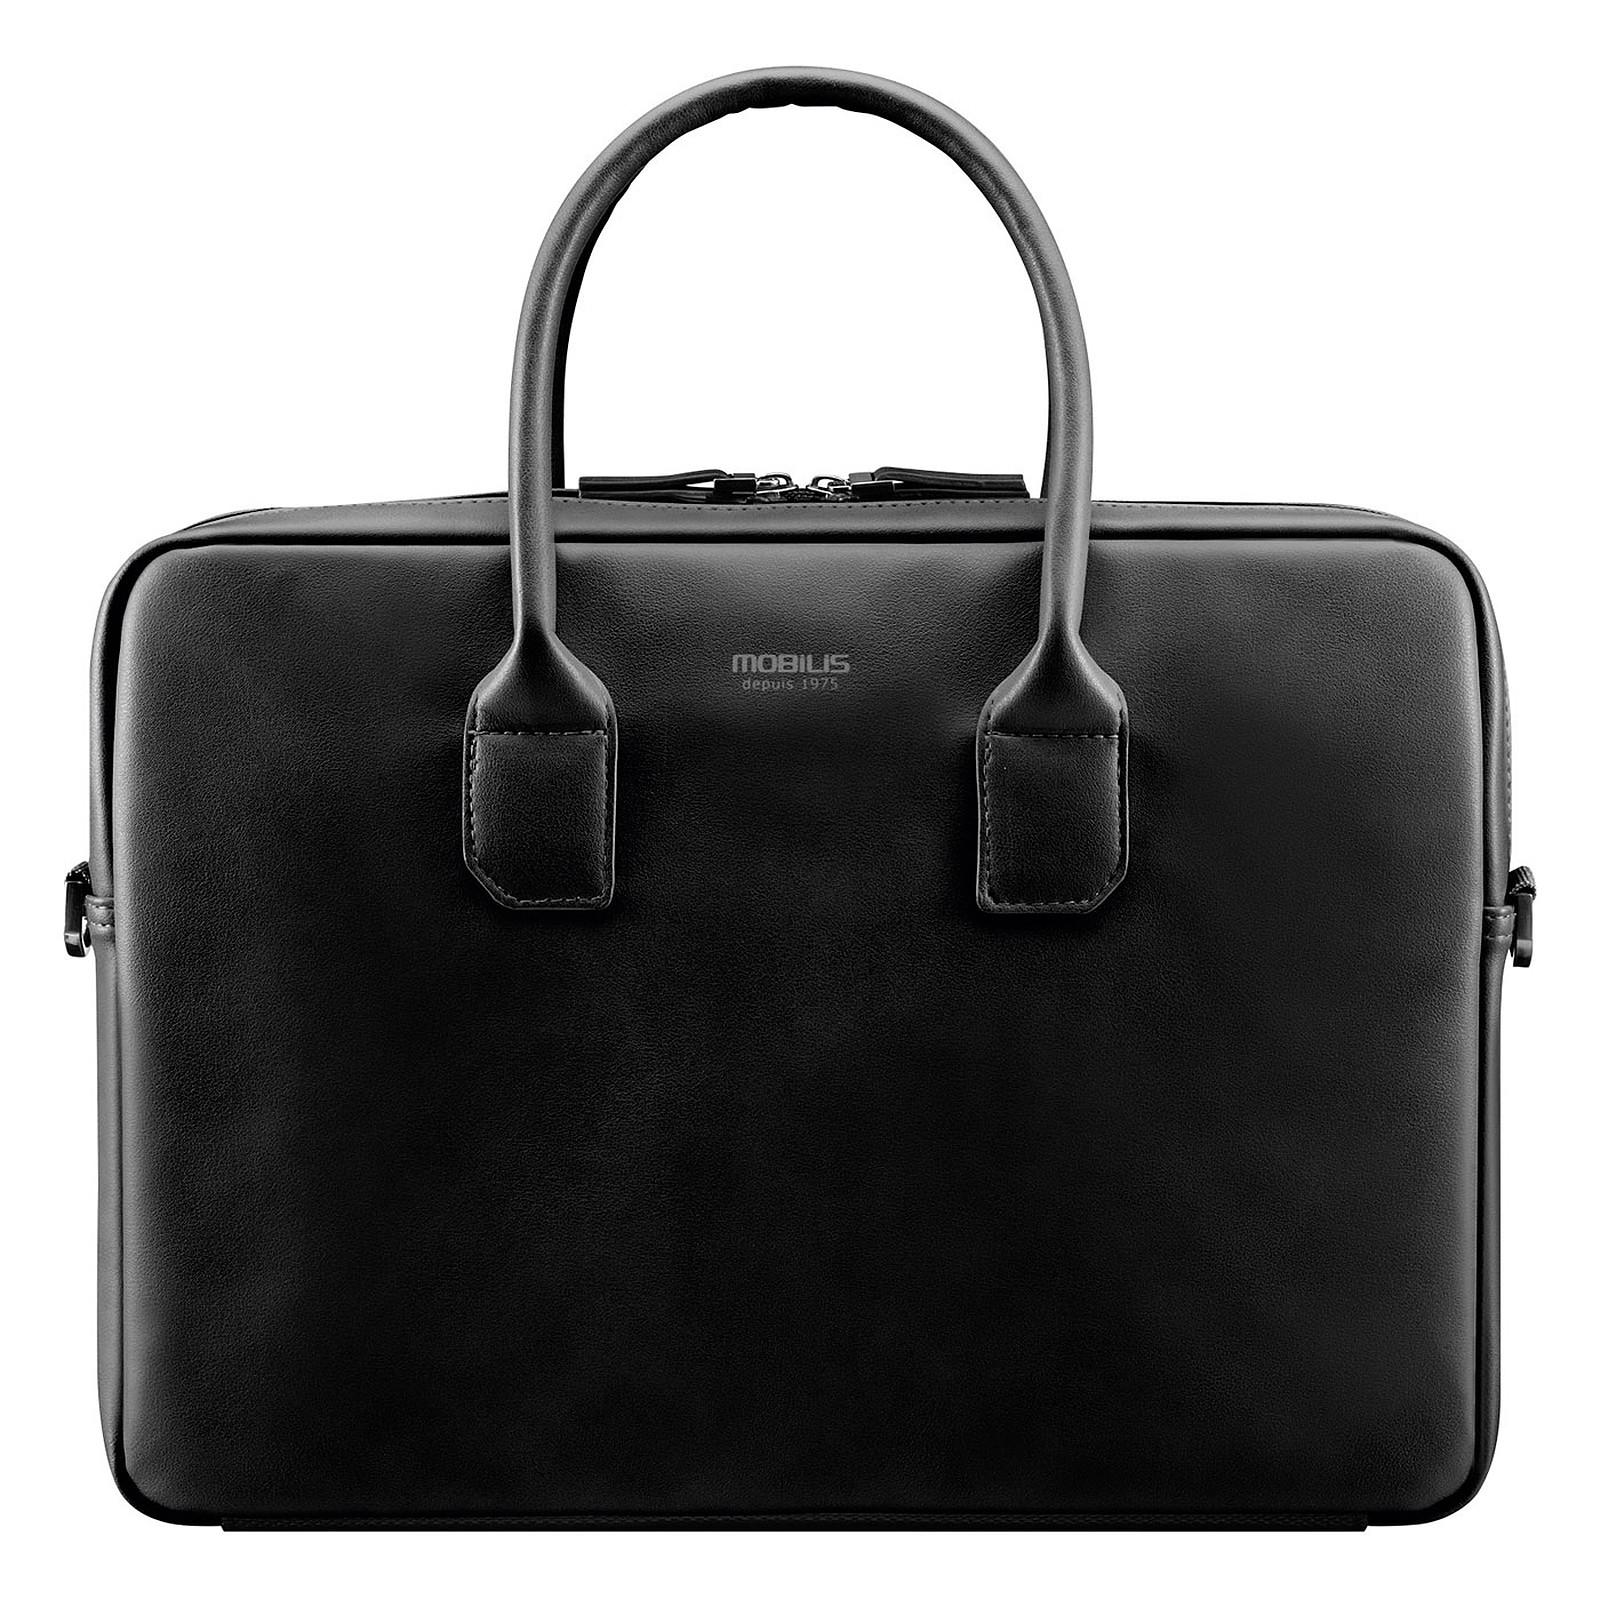 5936d75e9b Mobilis Origine Briefcase 11-14